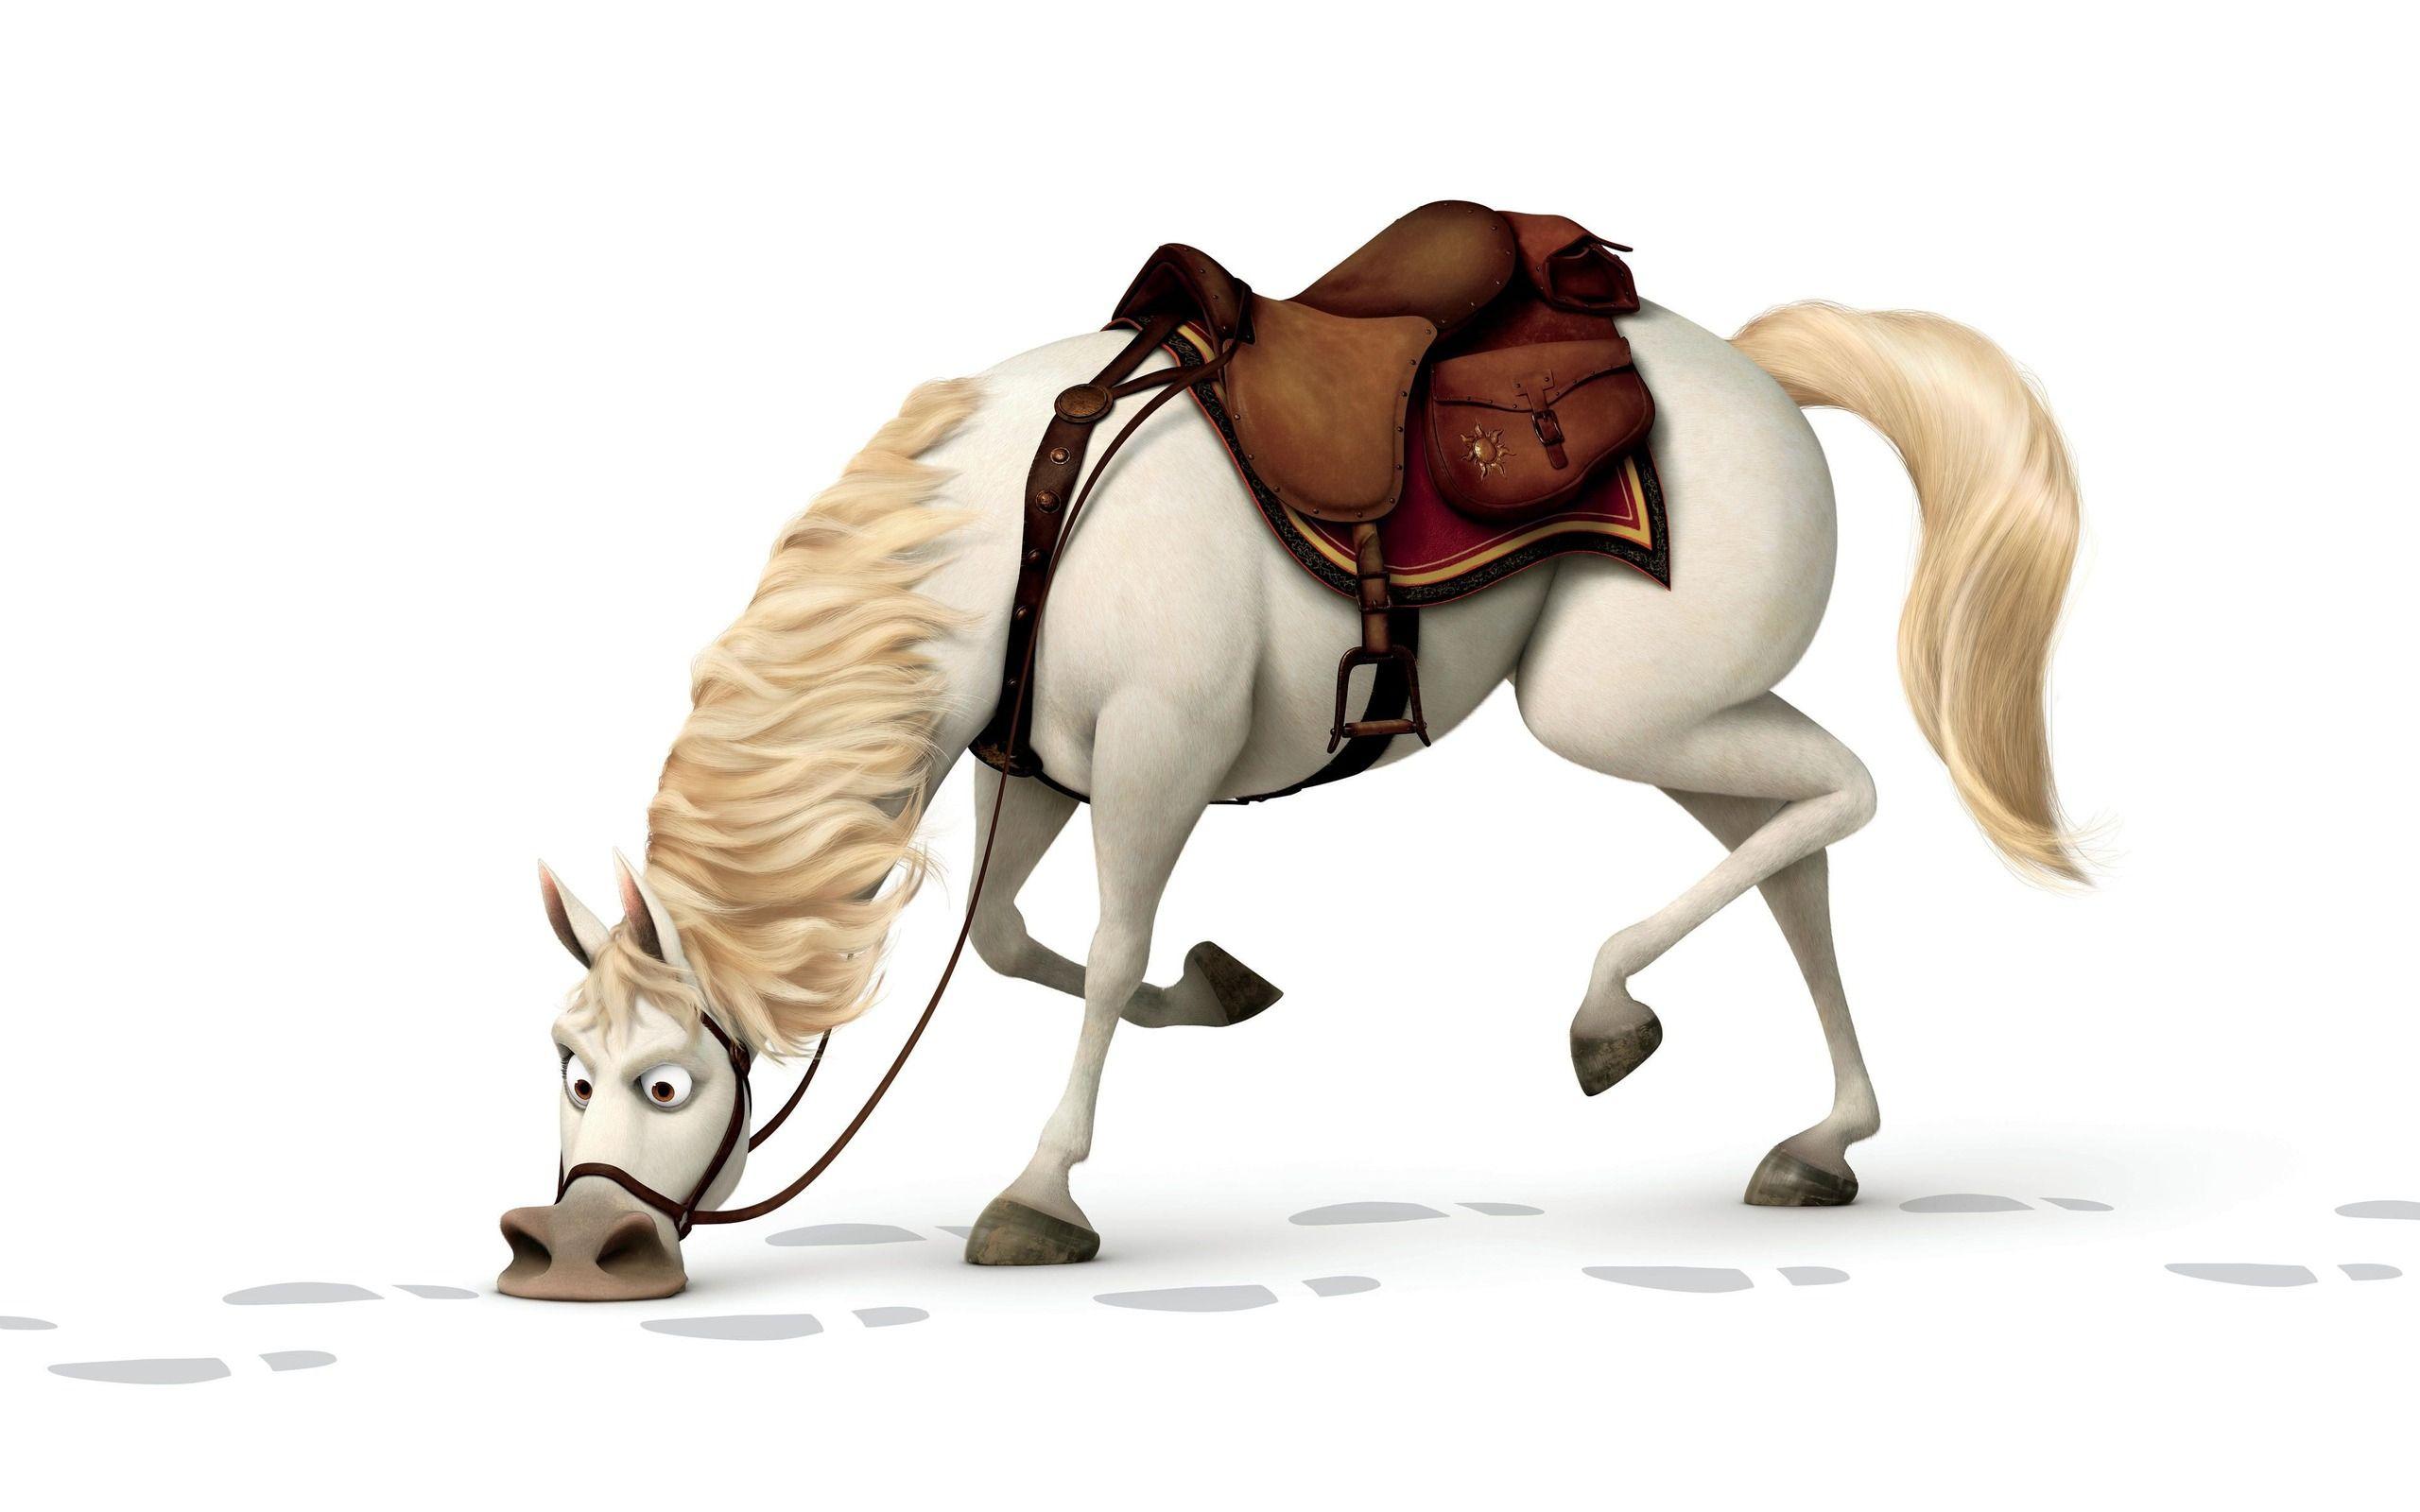 Best Wallpaper Horse Cartoon - 0898b2b48c3fd4ee4778e380752cbb93  Best Photo Reference_277039.jpg